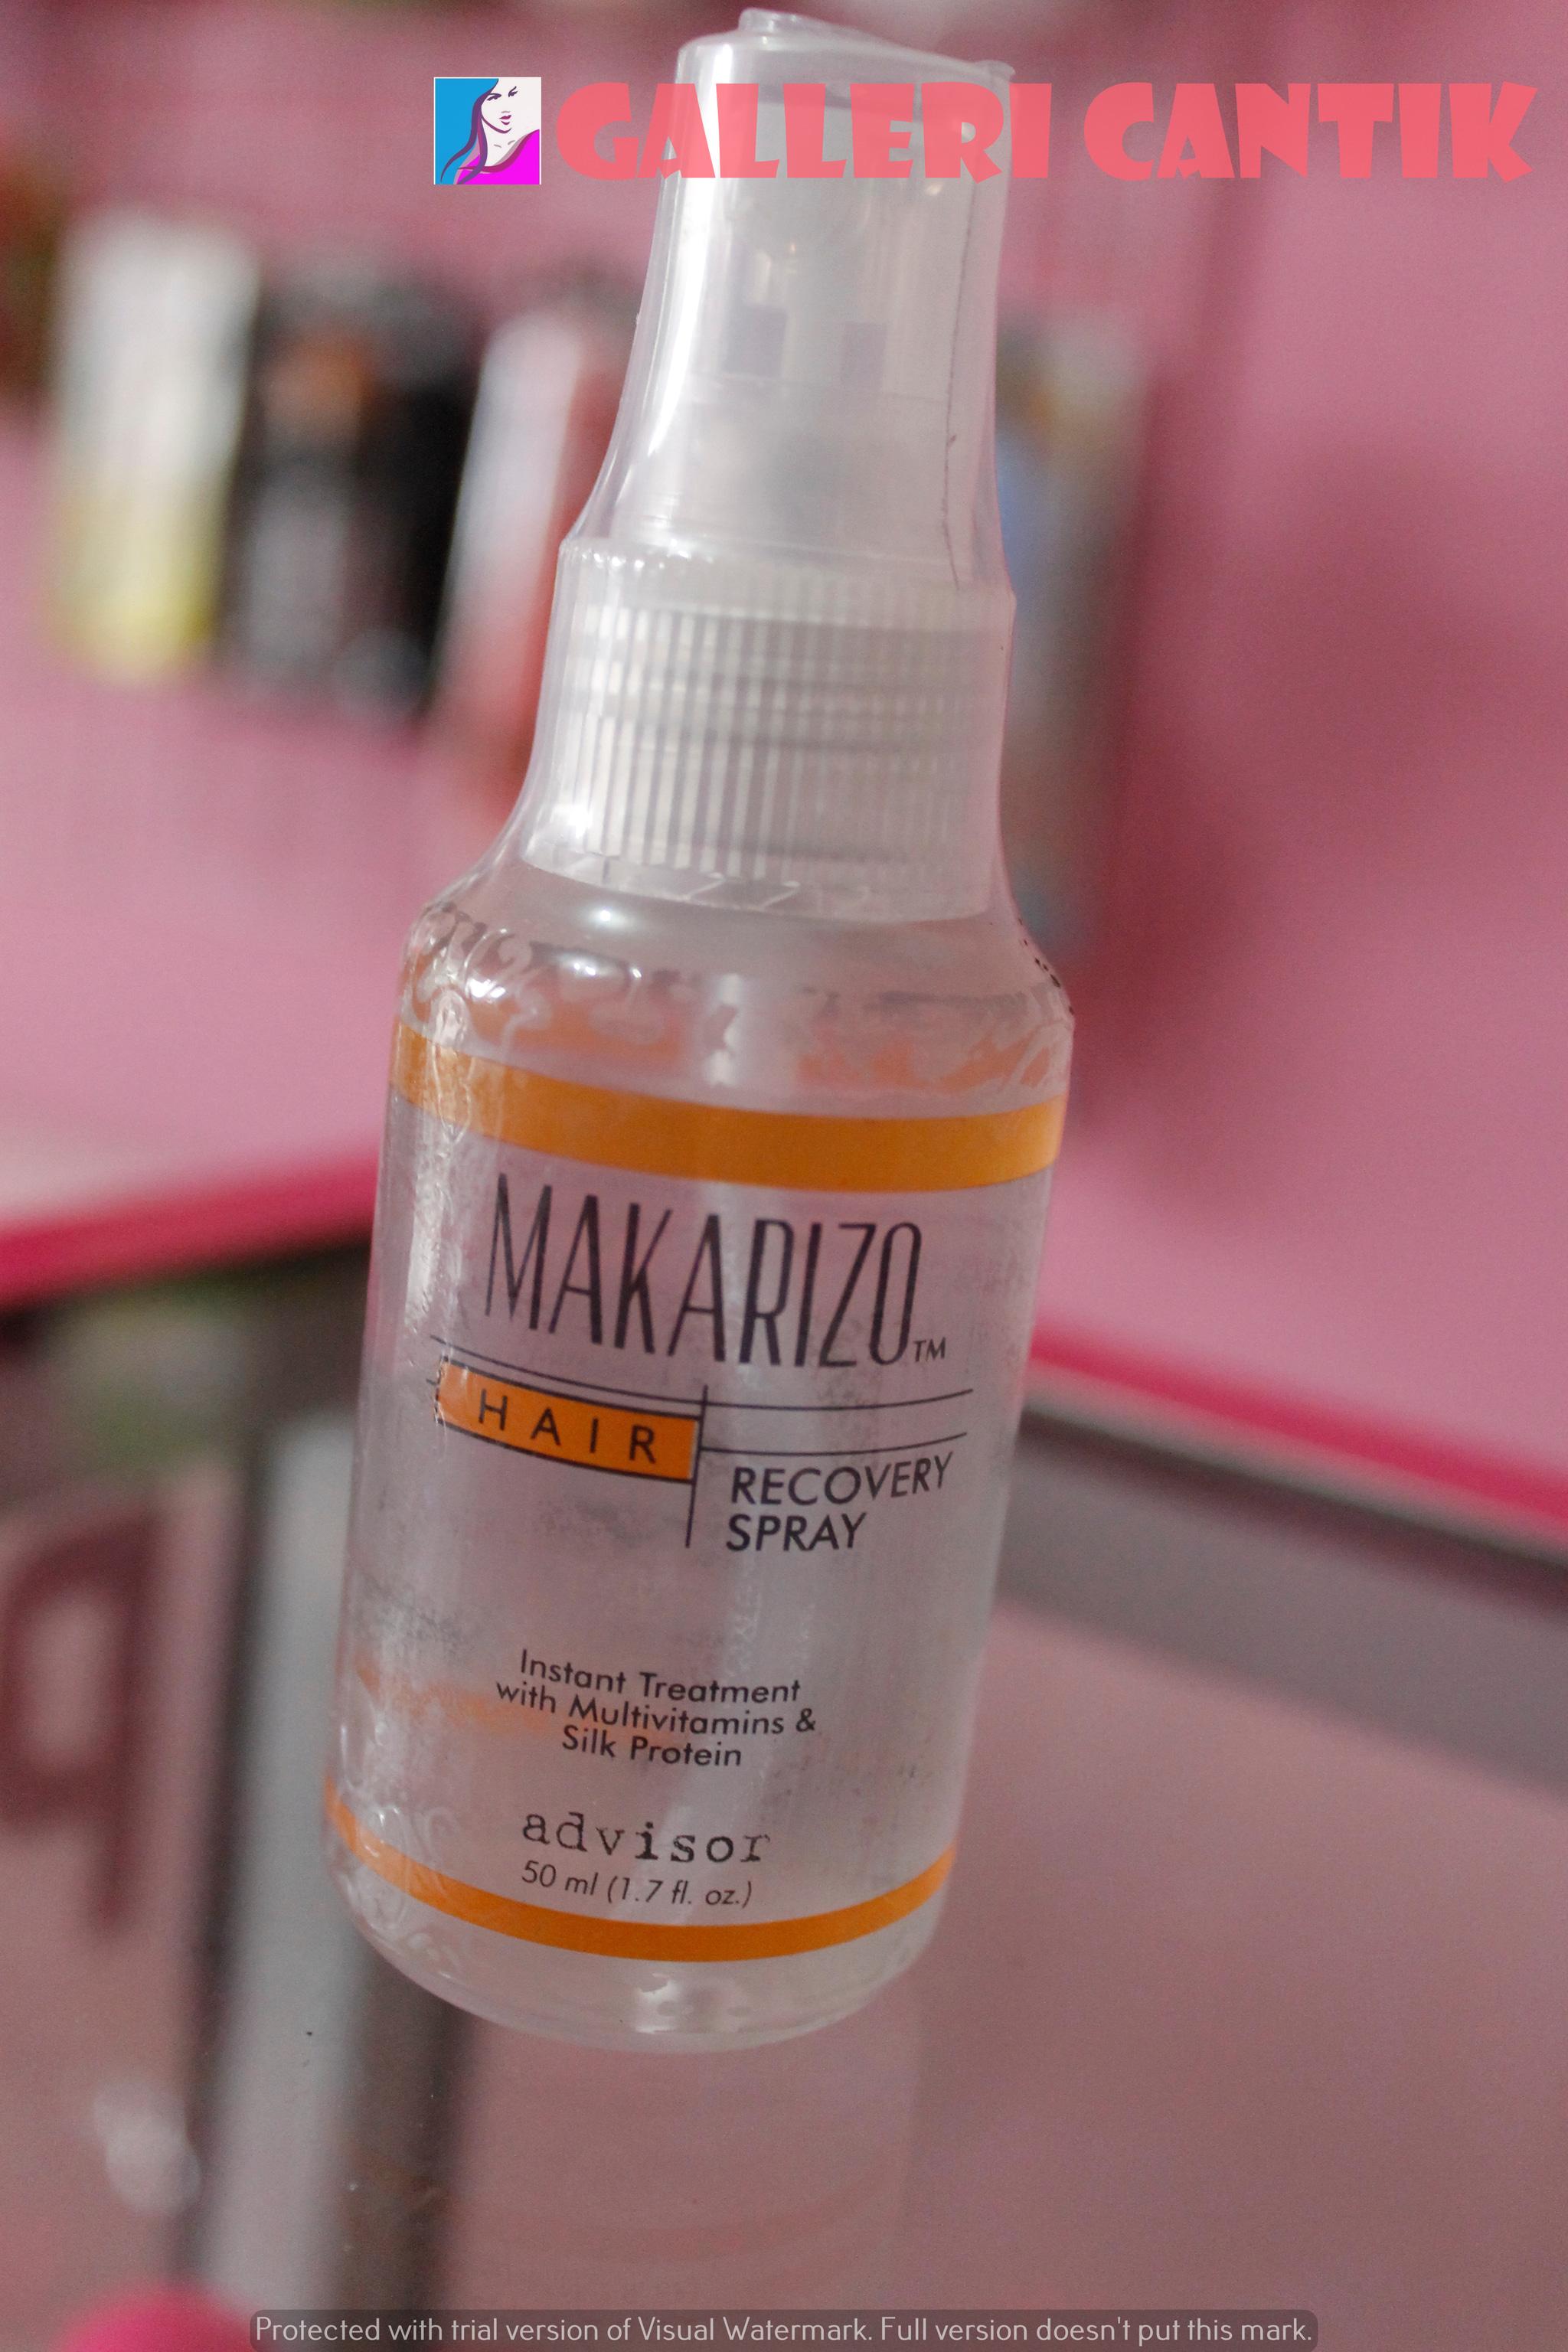 Jual Makarizo Hair Recovery Spray 50ml Galleri Cantik Tokopedia